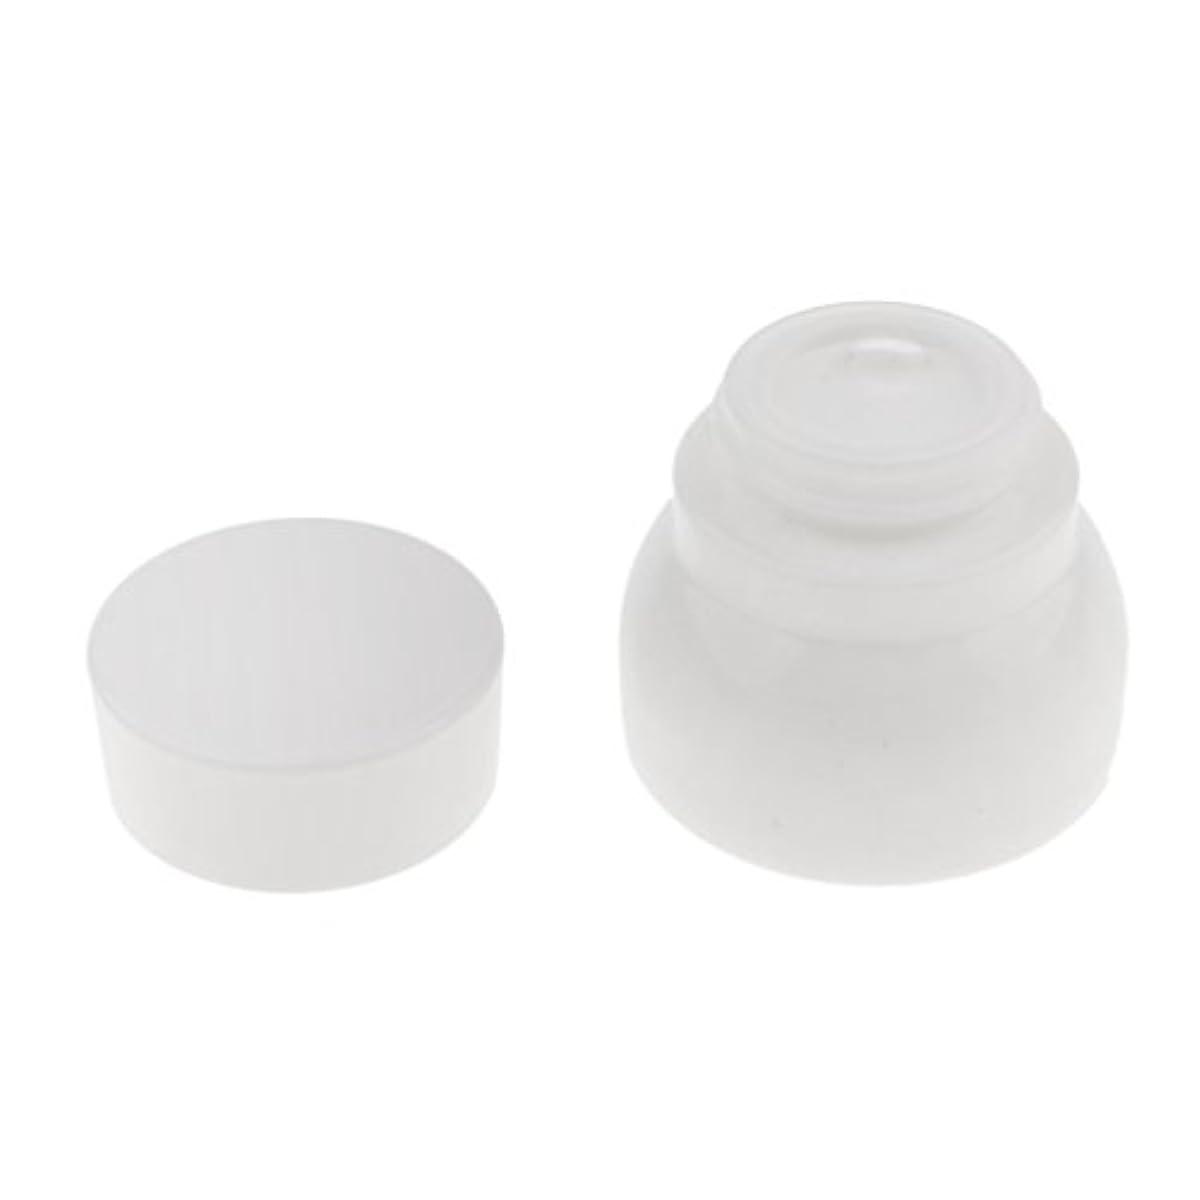 DYNWAVE ジャー 容器 空き缶 膏薬用 工芸品用 石鹸用 ハーブ用 旅行用 詰め替え容器 全2サイズ - 50g